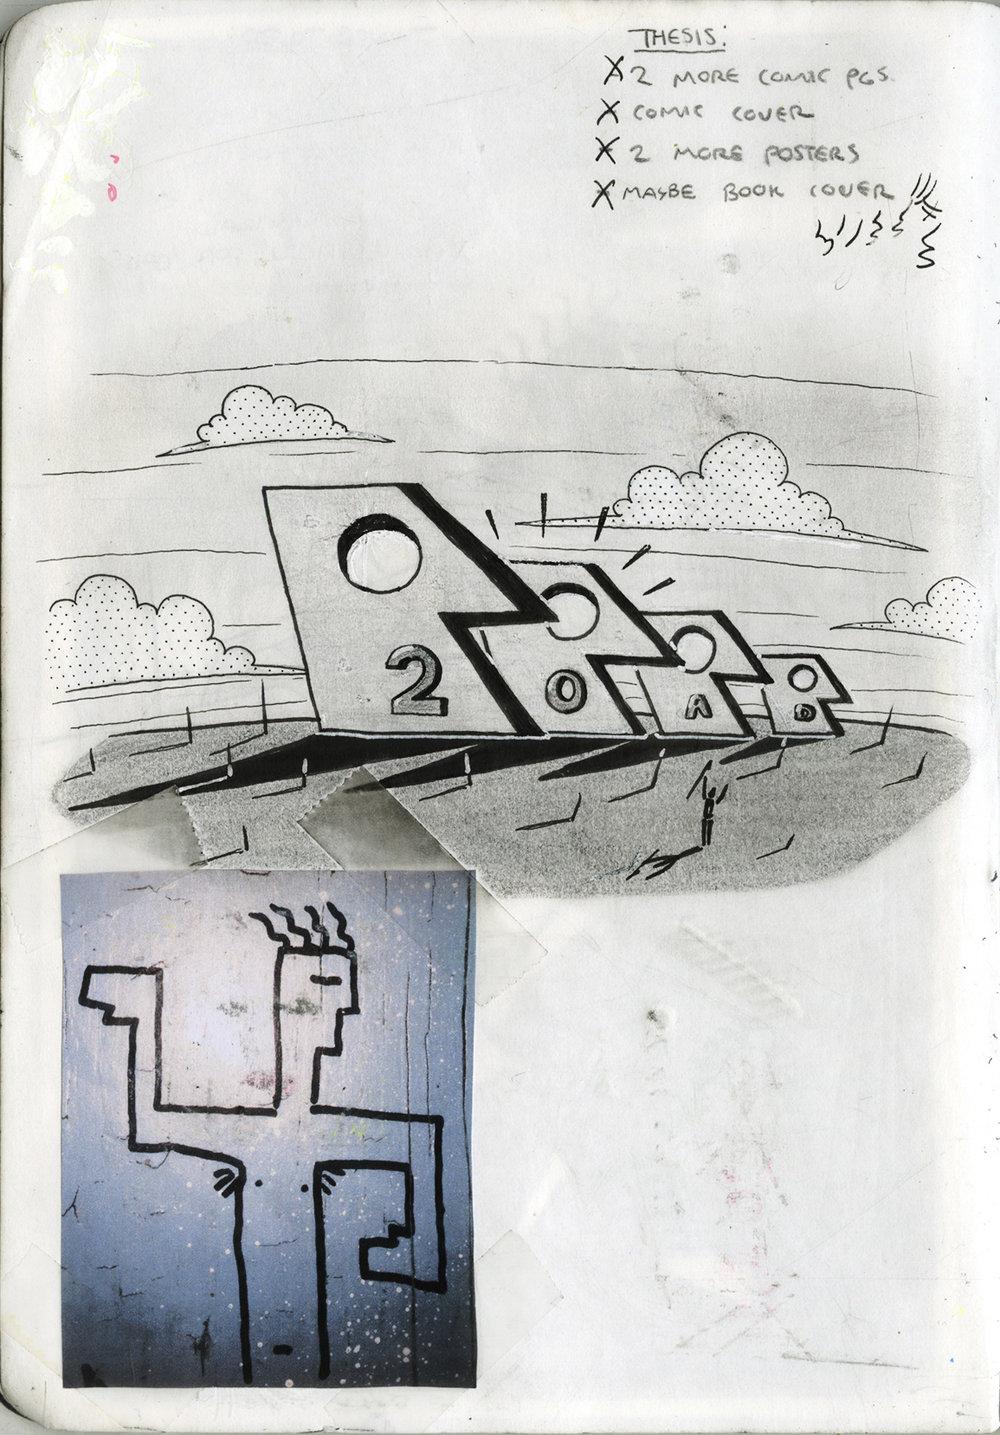 new_floppy_sketchbook_2_edits_1.jpg